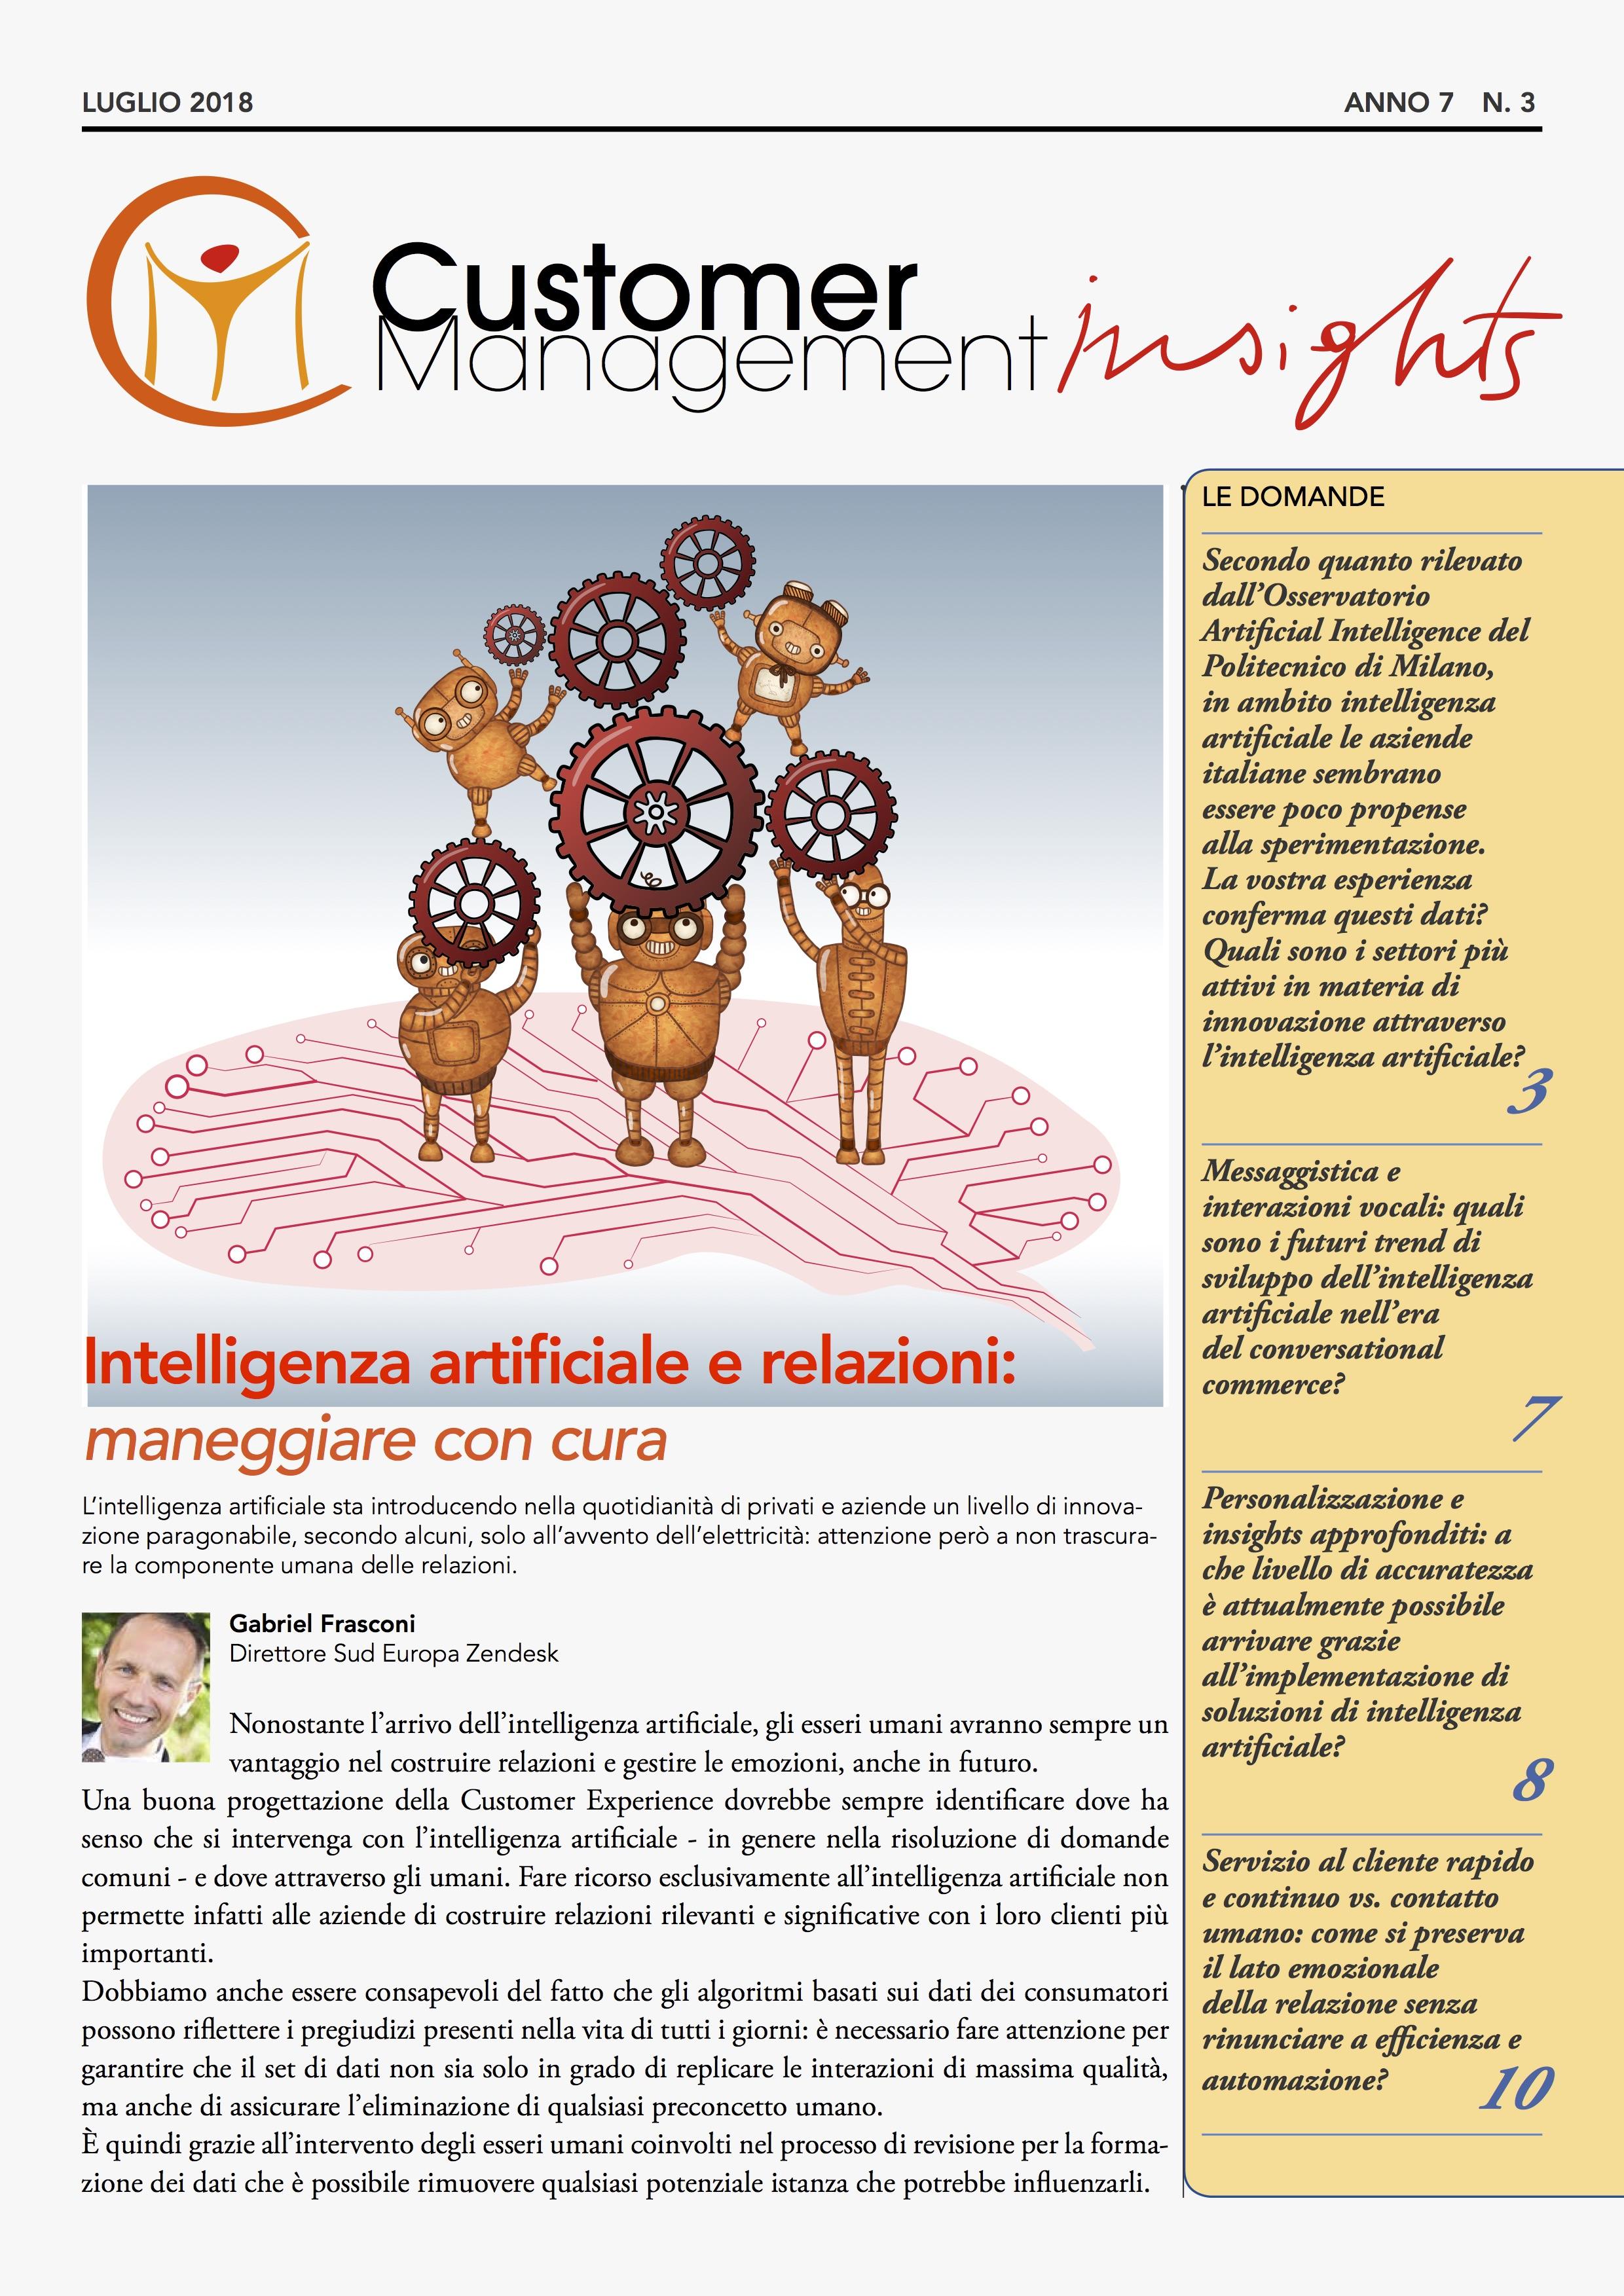 Intelligenza artificiale nella relazione con il cliente – CMI anno 7 n. 3